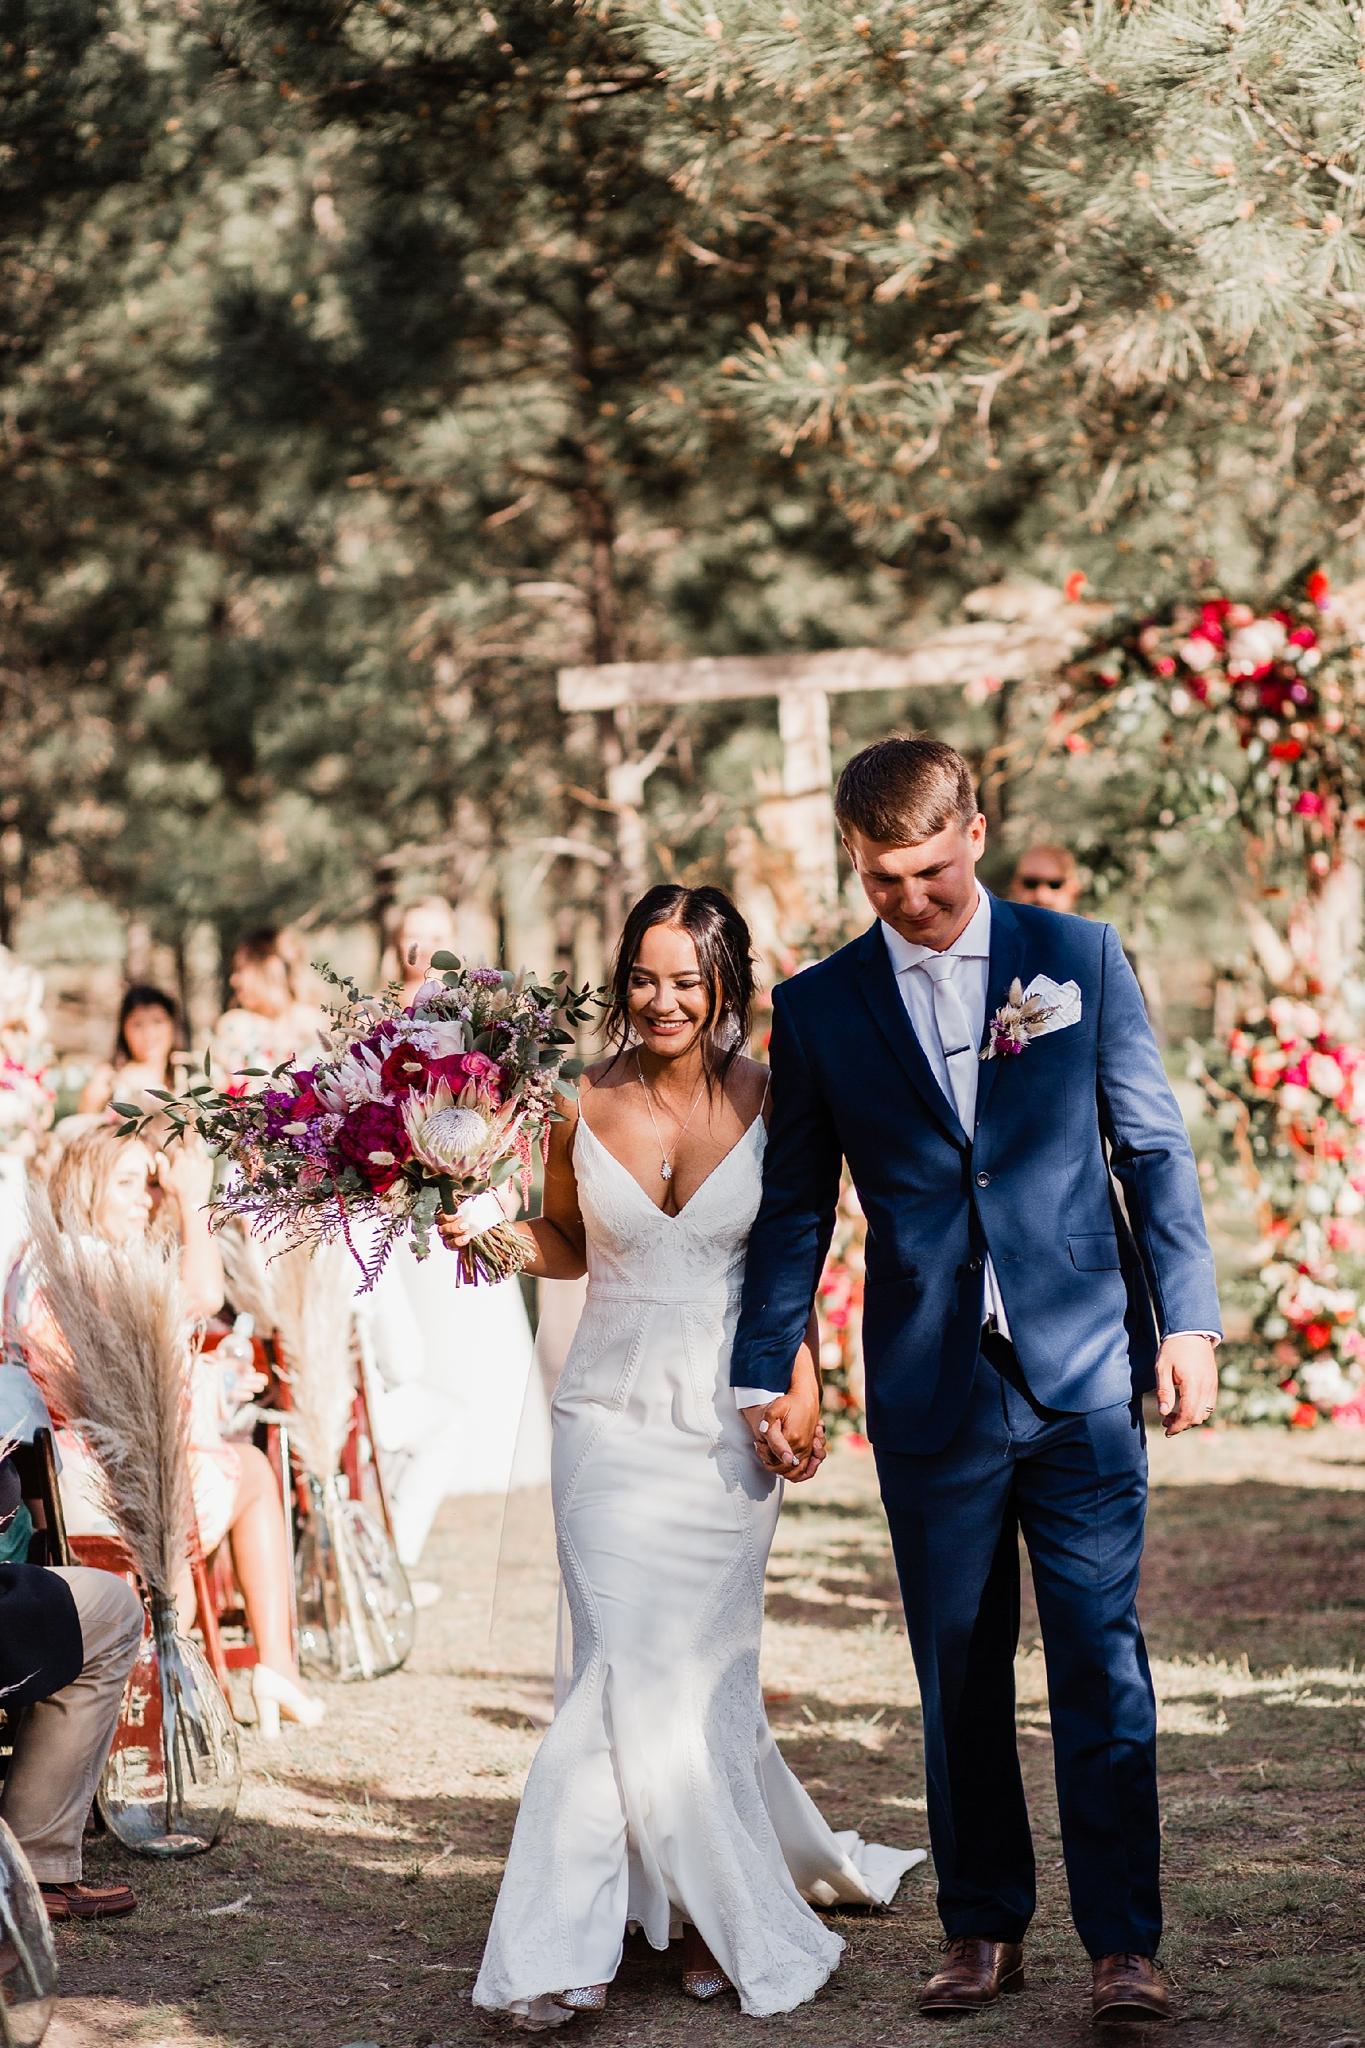 Alicia+lucia+photography+-+albuquerque+wedding+photographer+-+santa+fe+wedding+photography+-+new+mexico+wedding+photographer+-+new+mexico+wedding+-+new+mexico+wedding+-+barn+wedding+-+enchanted+vine+barn+wedding+-+ruidoso+wedding_0116.jpg